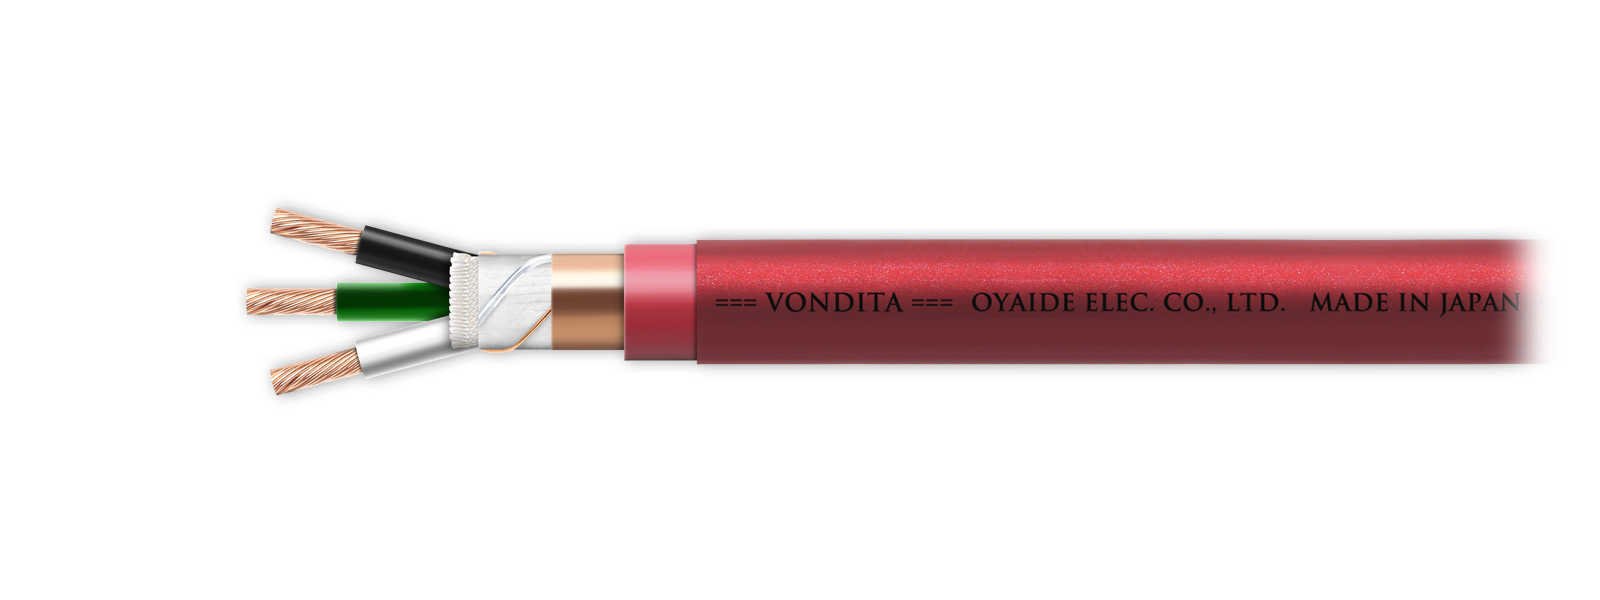 Oyaide VONDITA Power cable